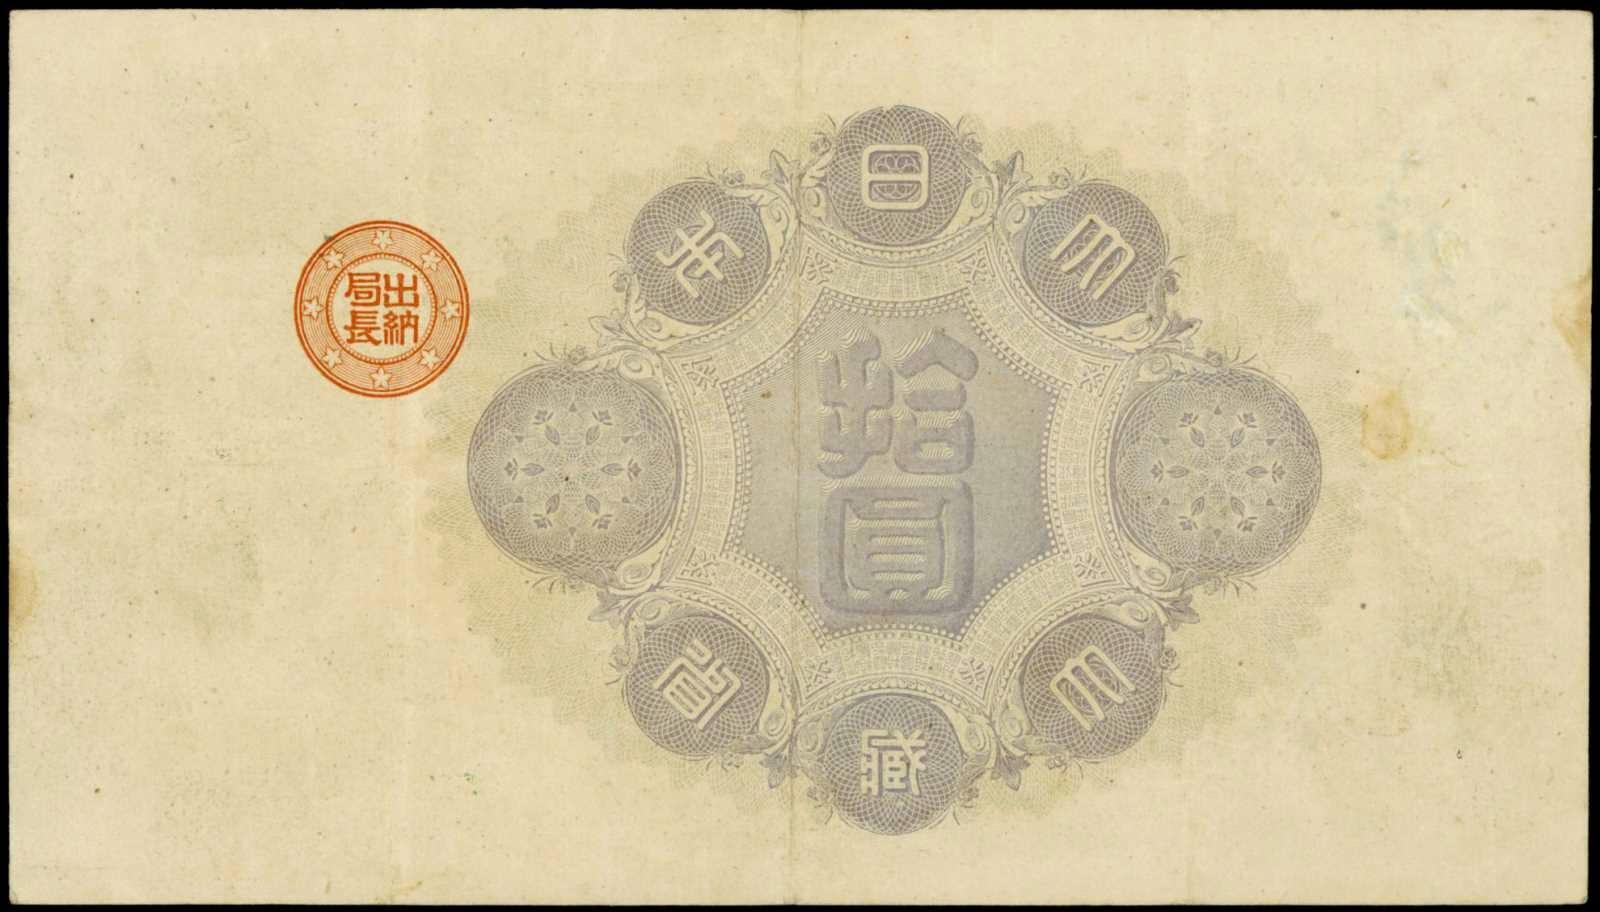 Dai Nippon Teikoku Seifu Shihei